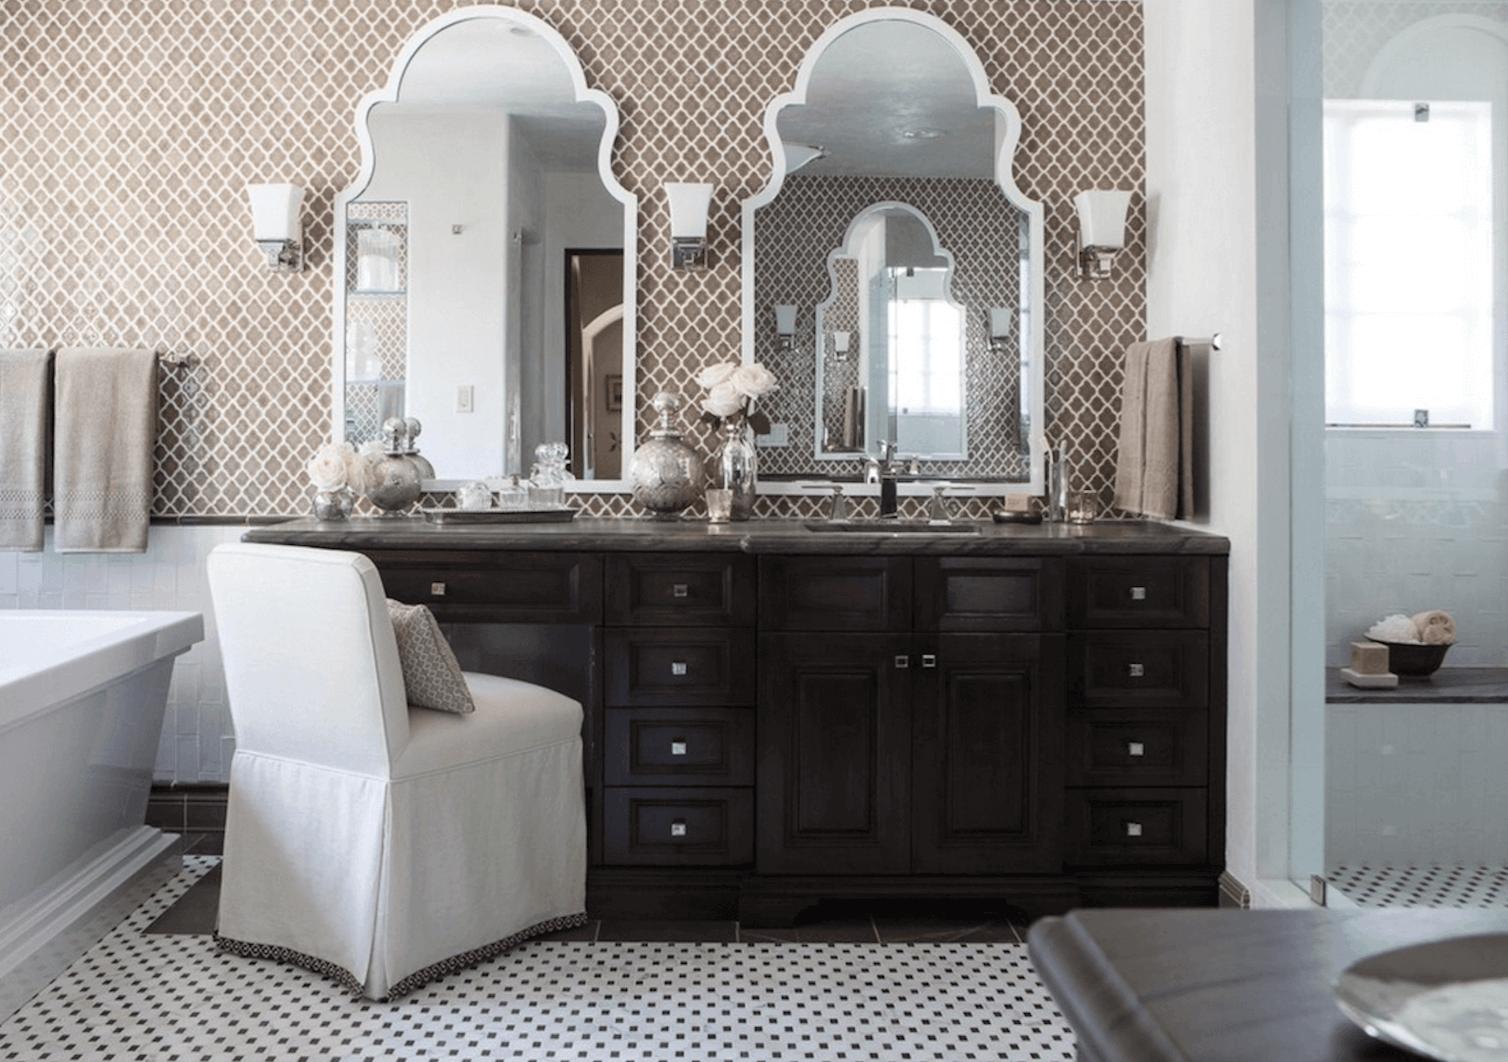 Оригинальный дизайн зеркала в интерьере ванной комнаты - Фото 8